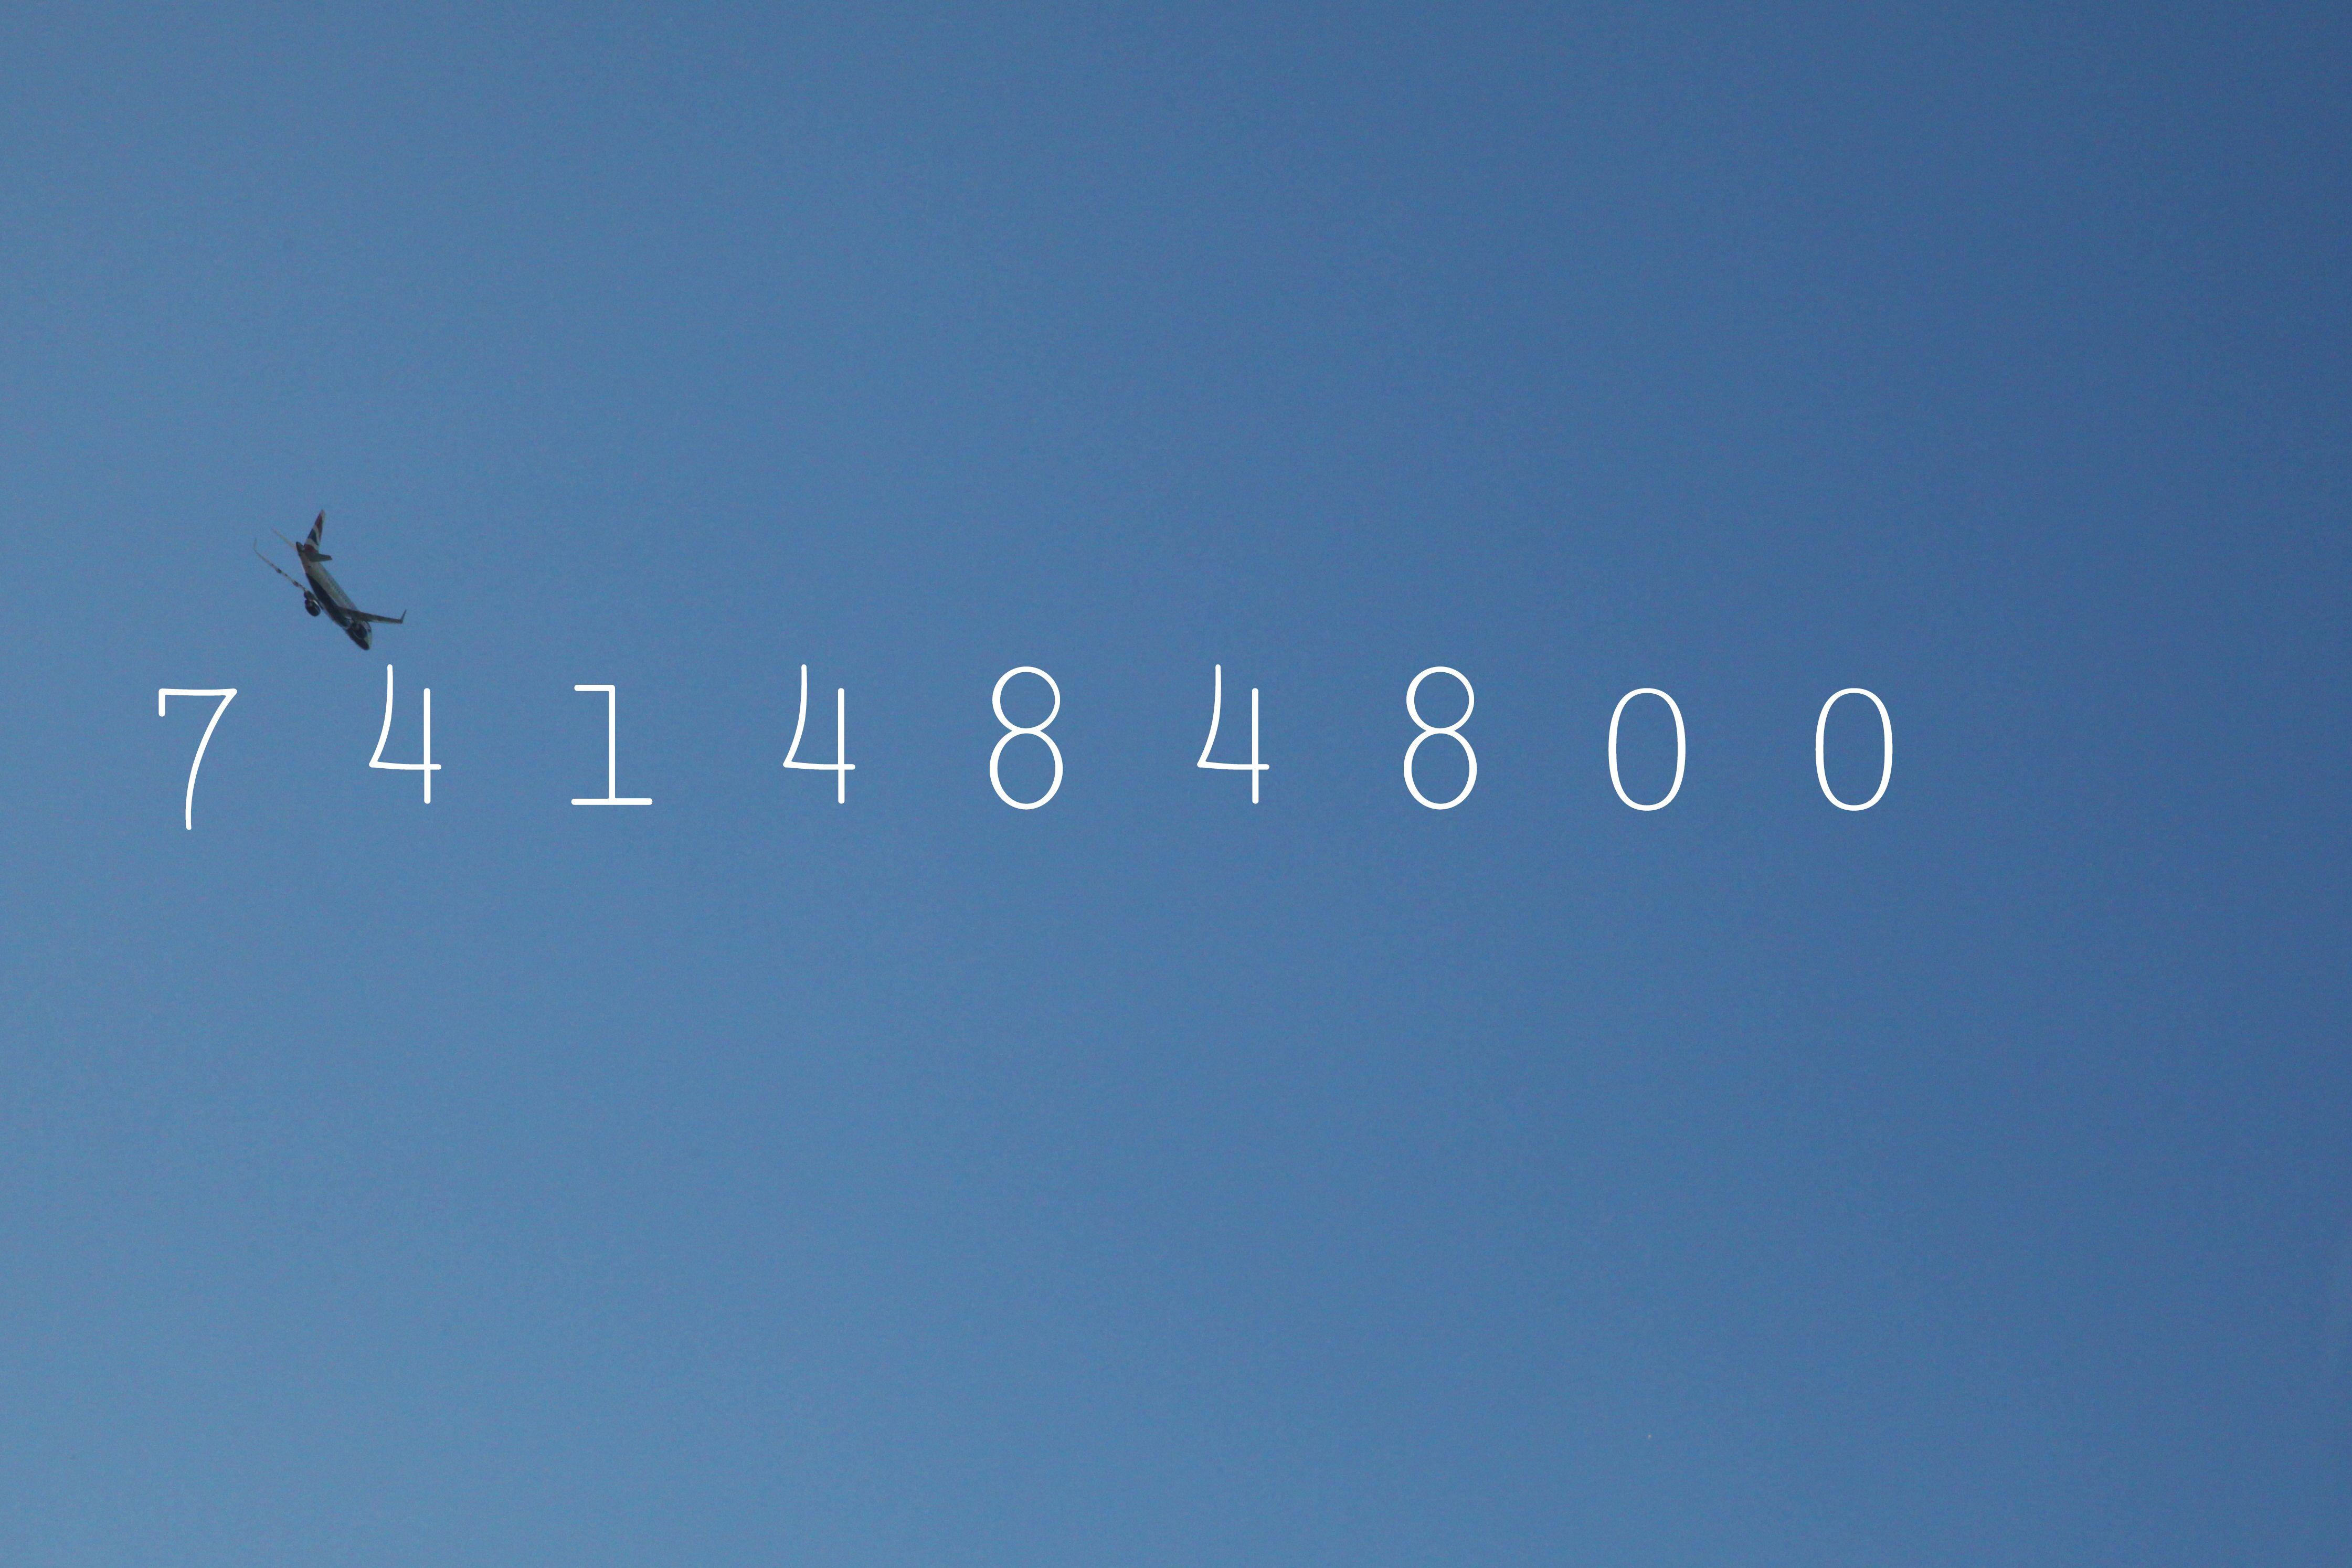 Leap Second, 30 June 1993 - 23:59:60